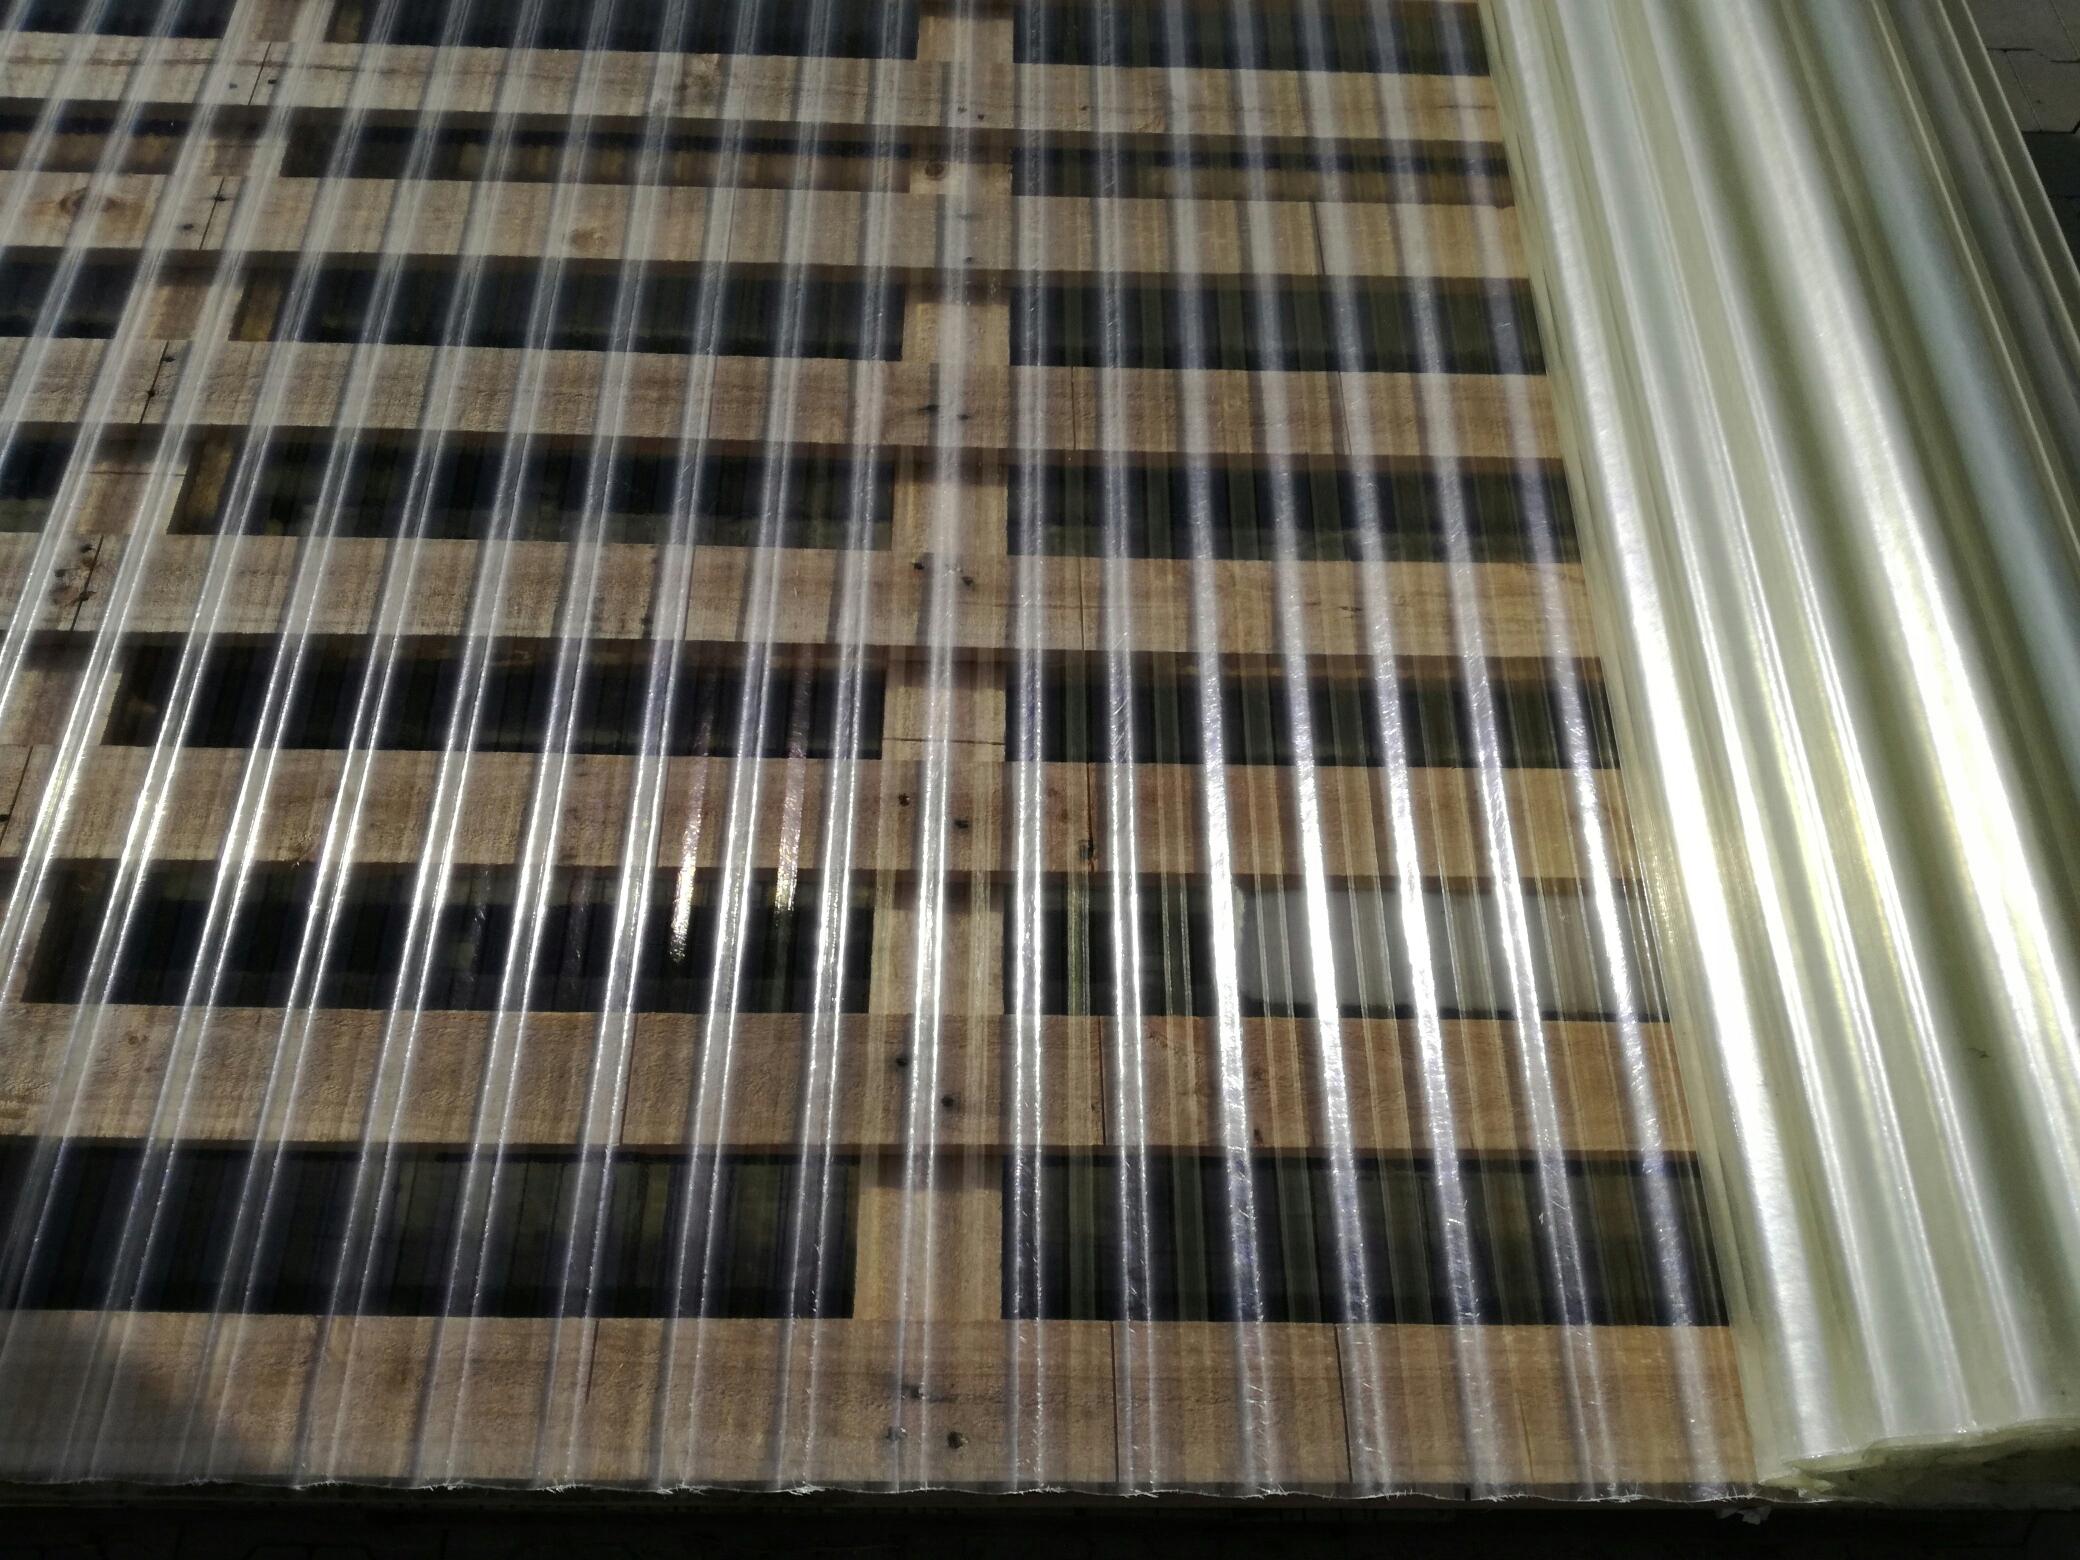 на метры плита гофрированный полиэстер рулон 1 мб 24 ,99